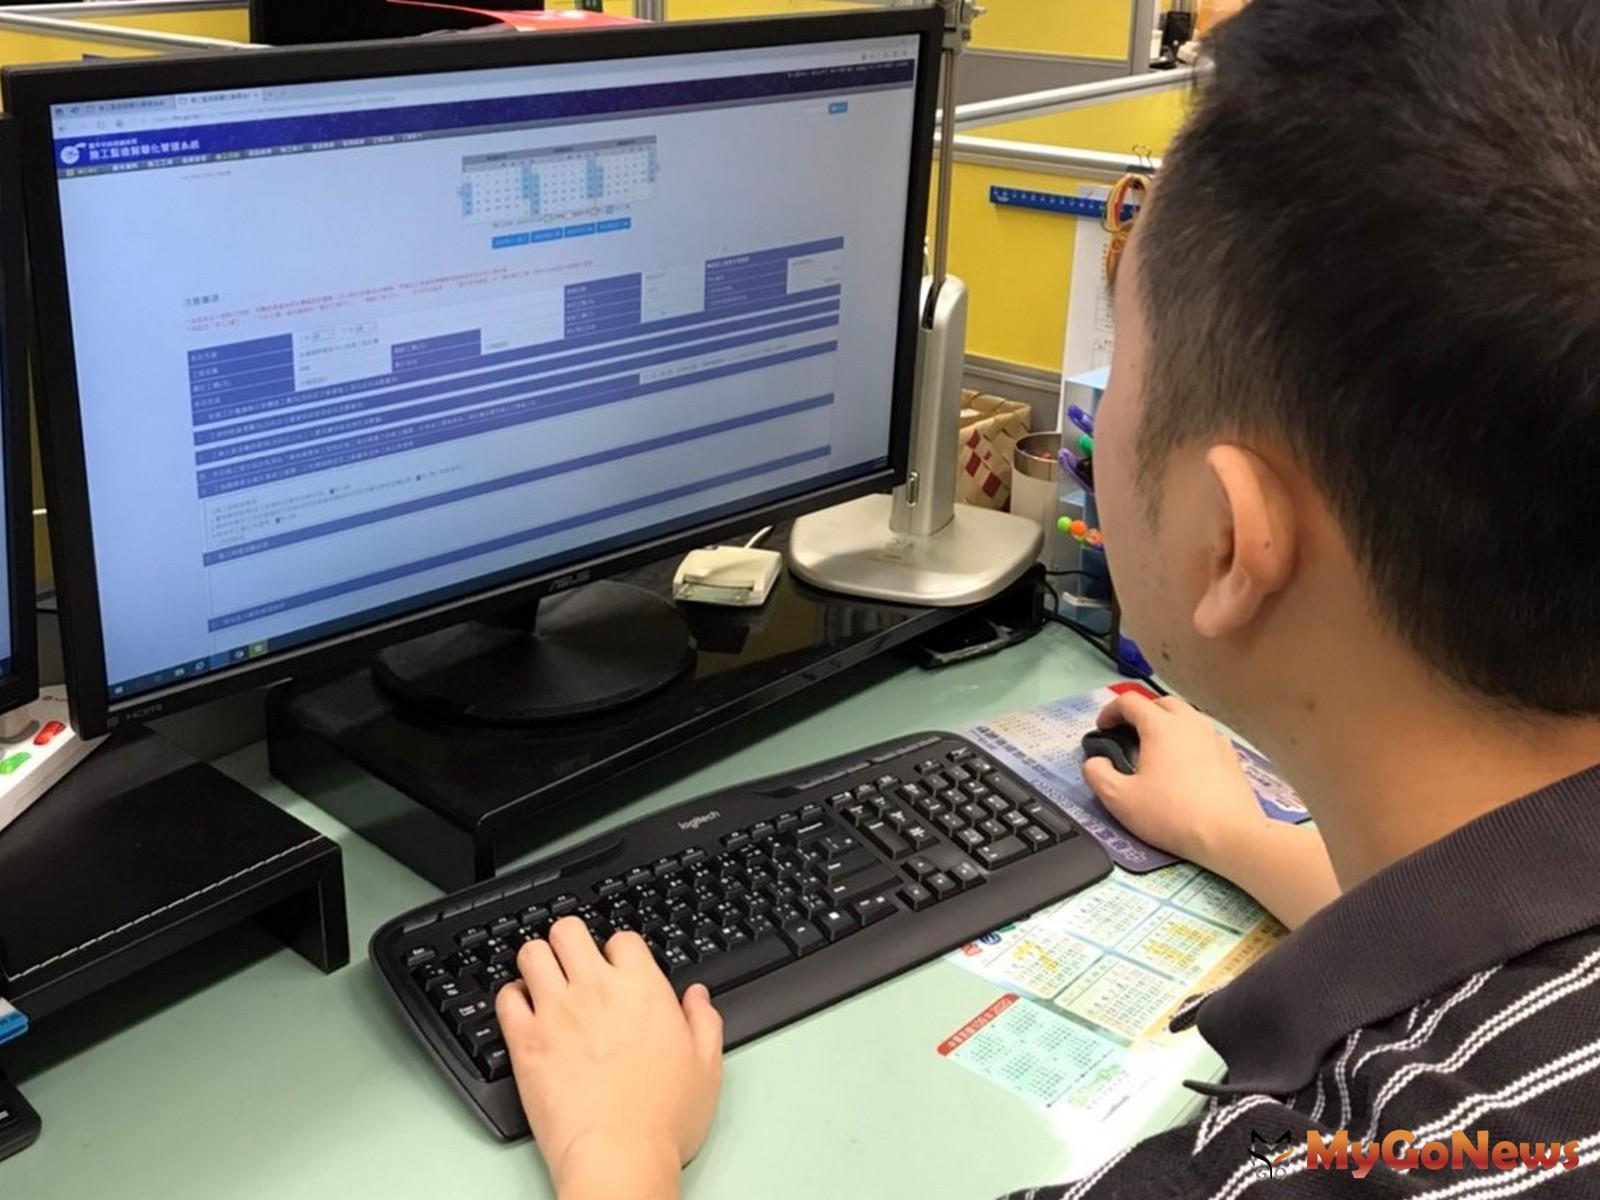 結合科技管理公共工程 中市建設局開發智慧系統(圖:台中市政府) MyGoNews房地產新聞 區域情報